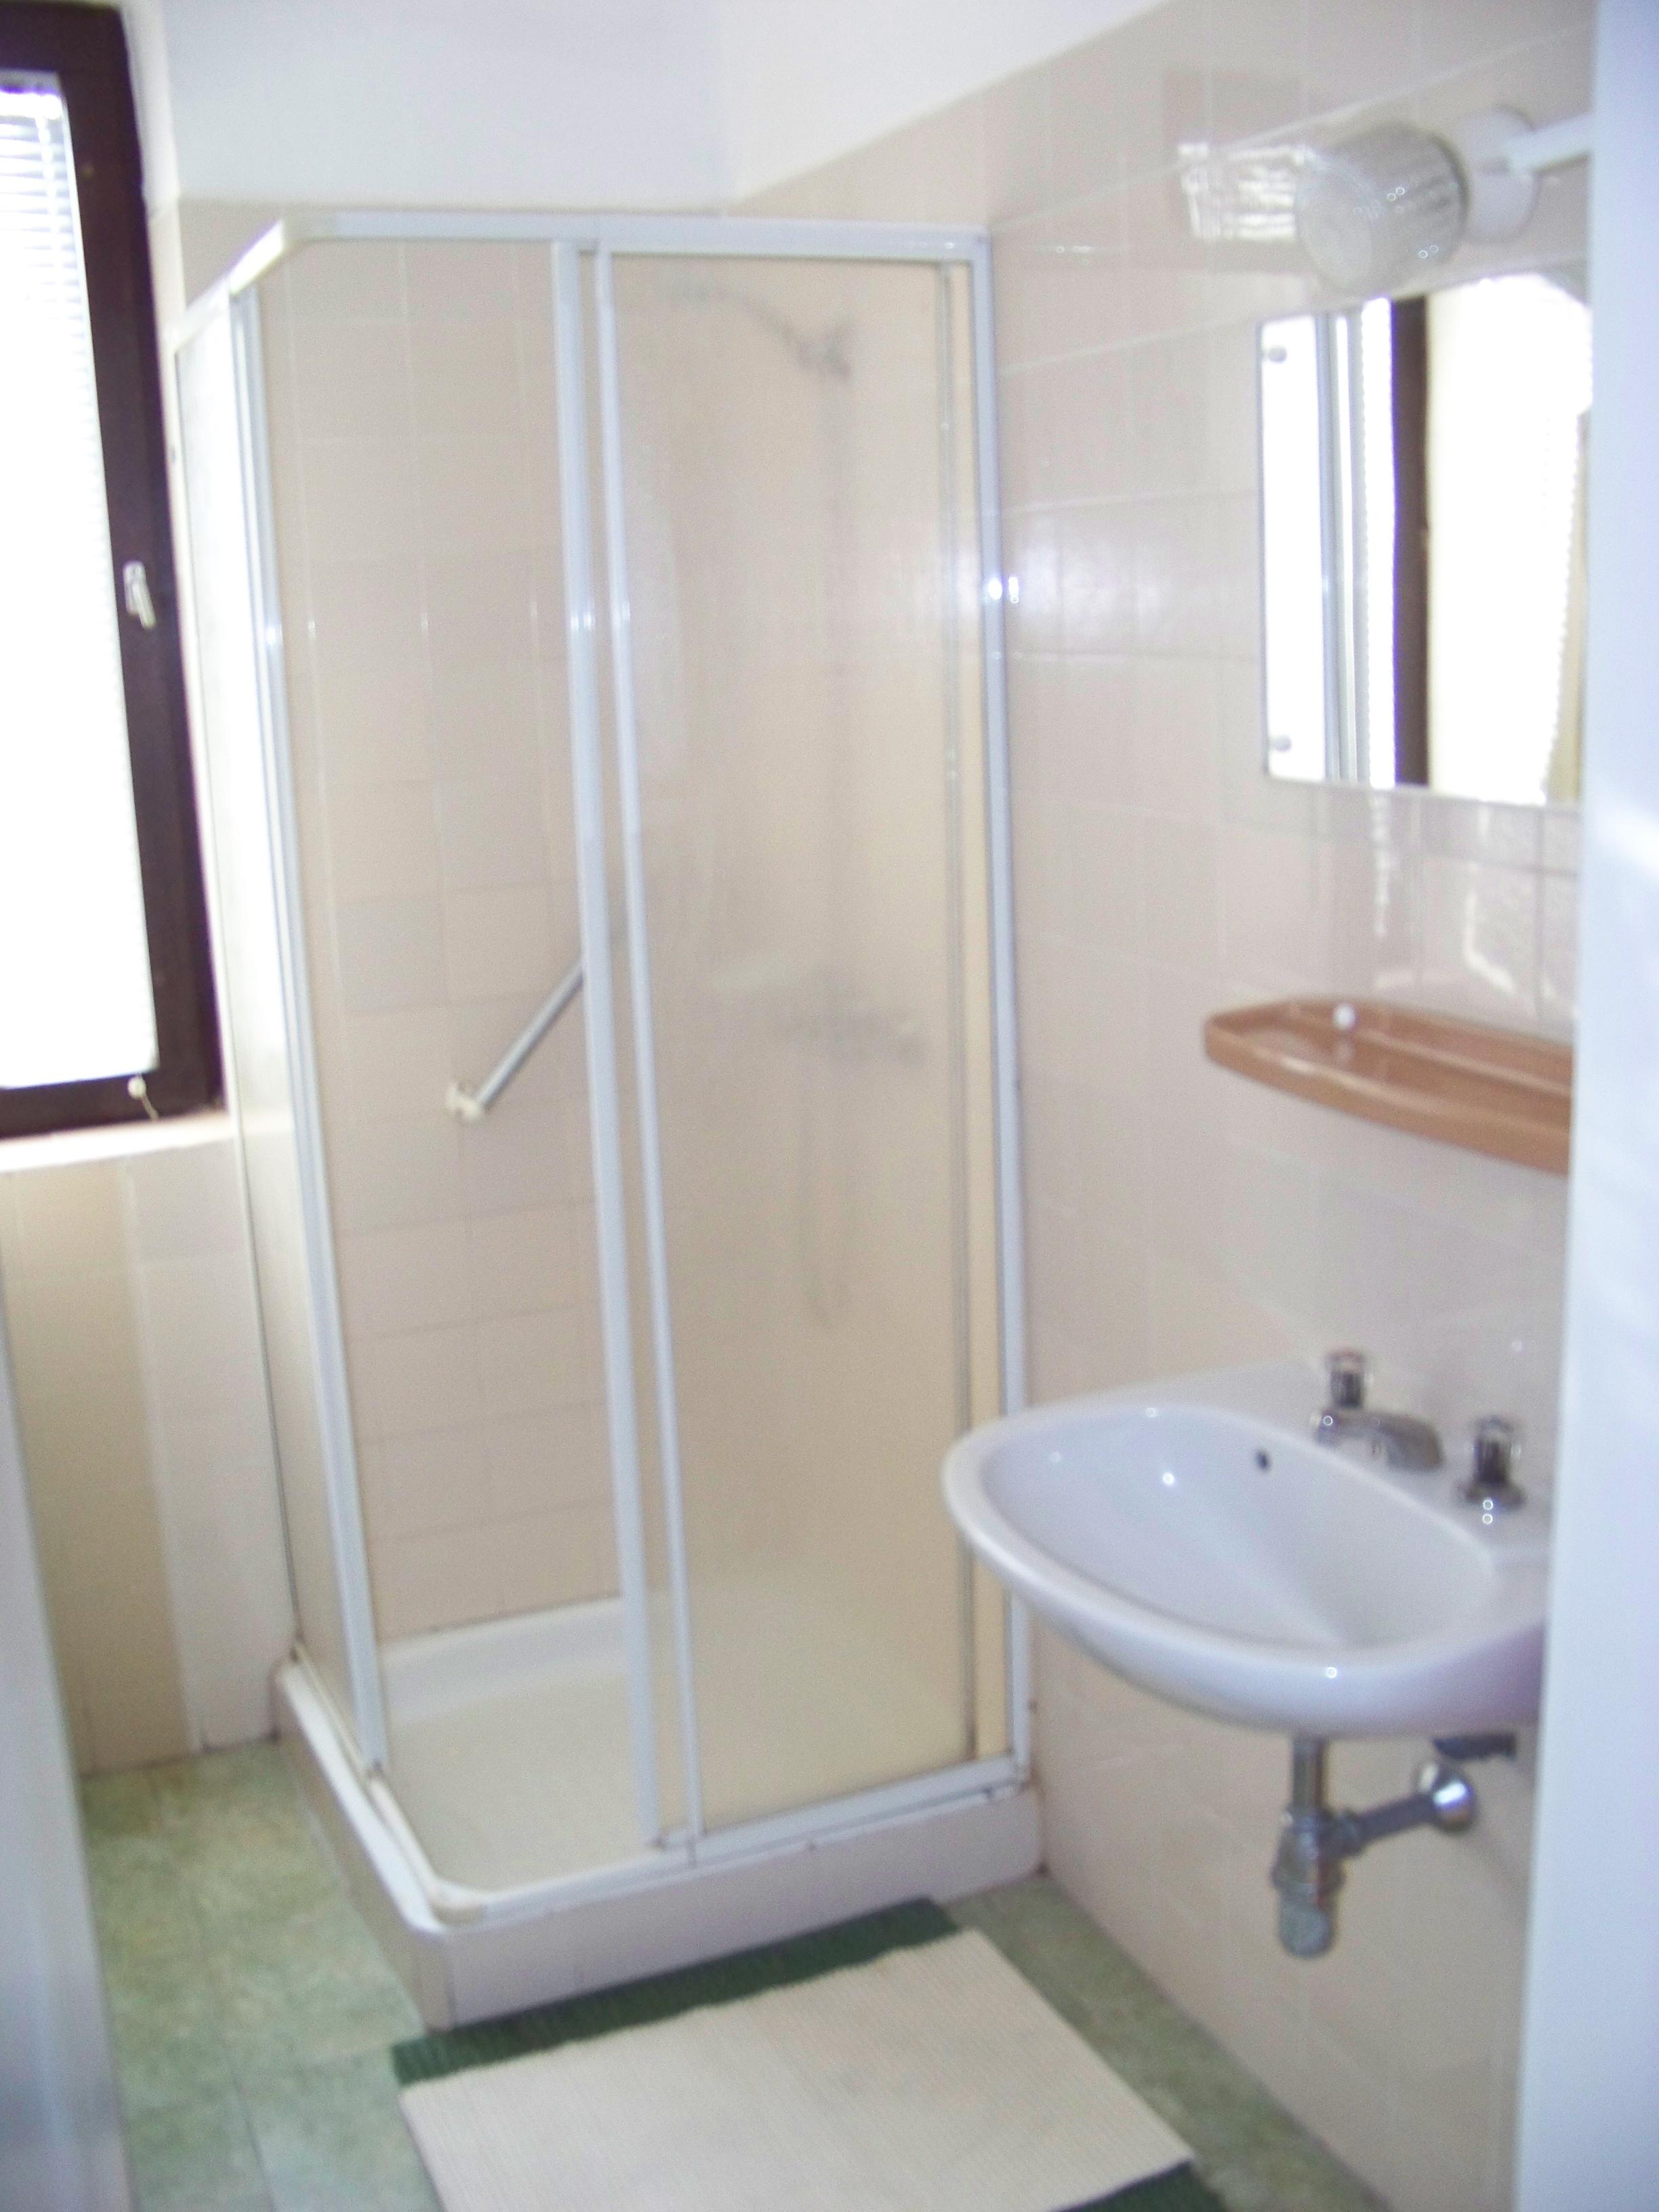 2 szobás apartman: fürdőszoba